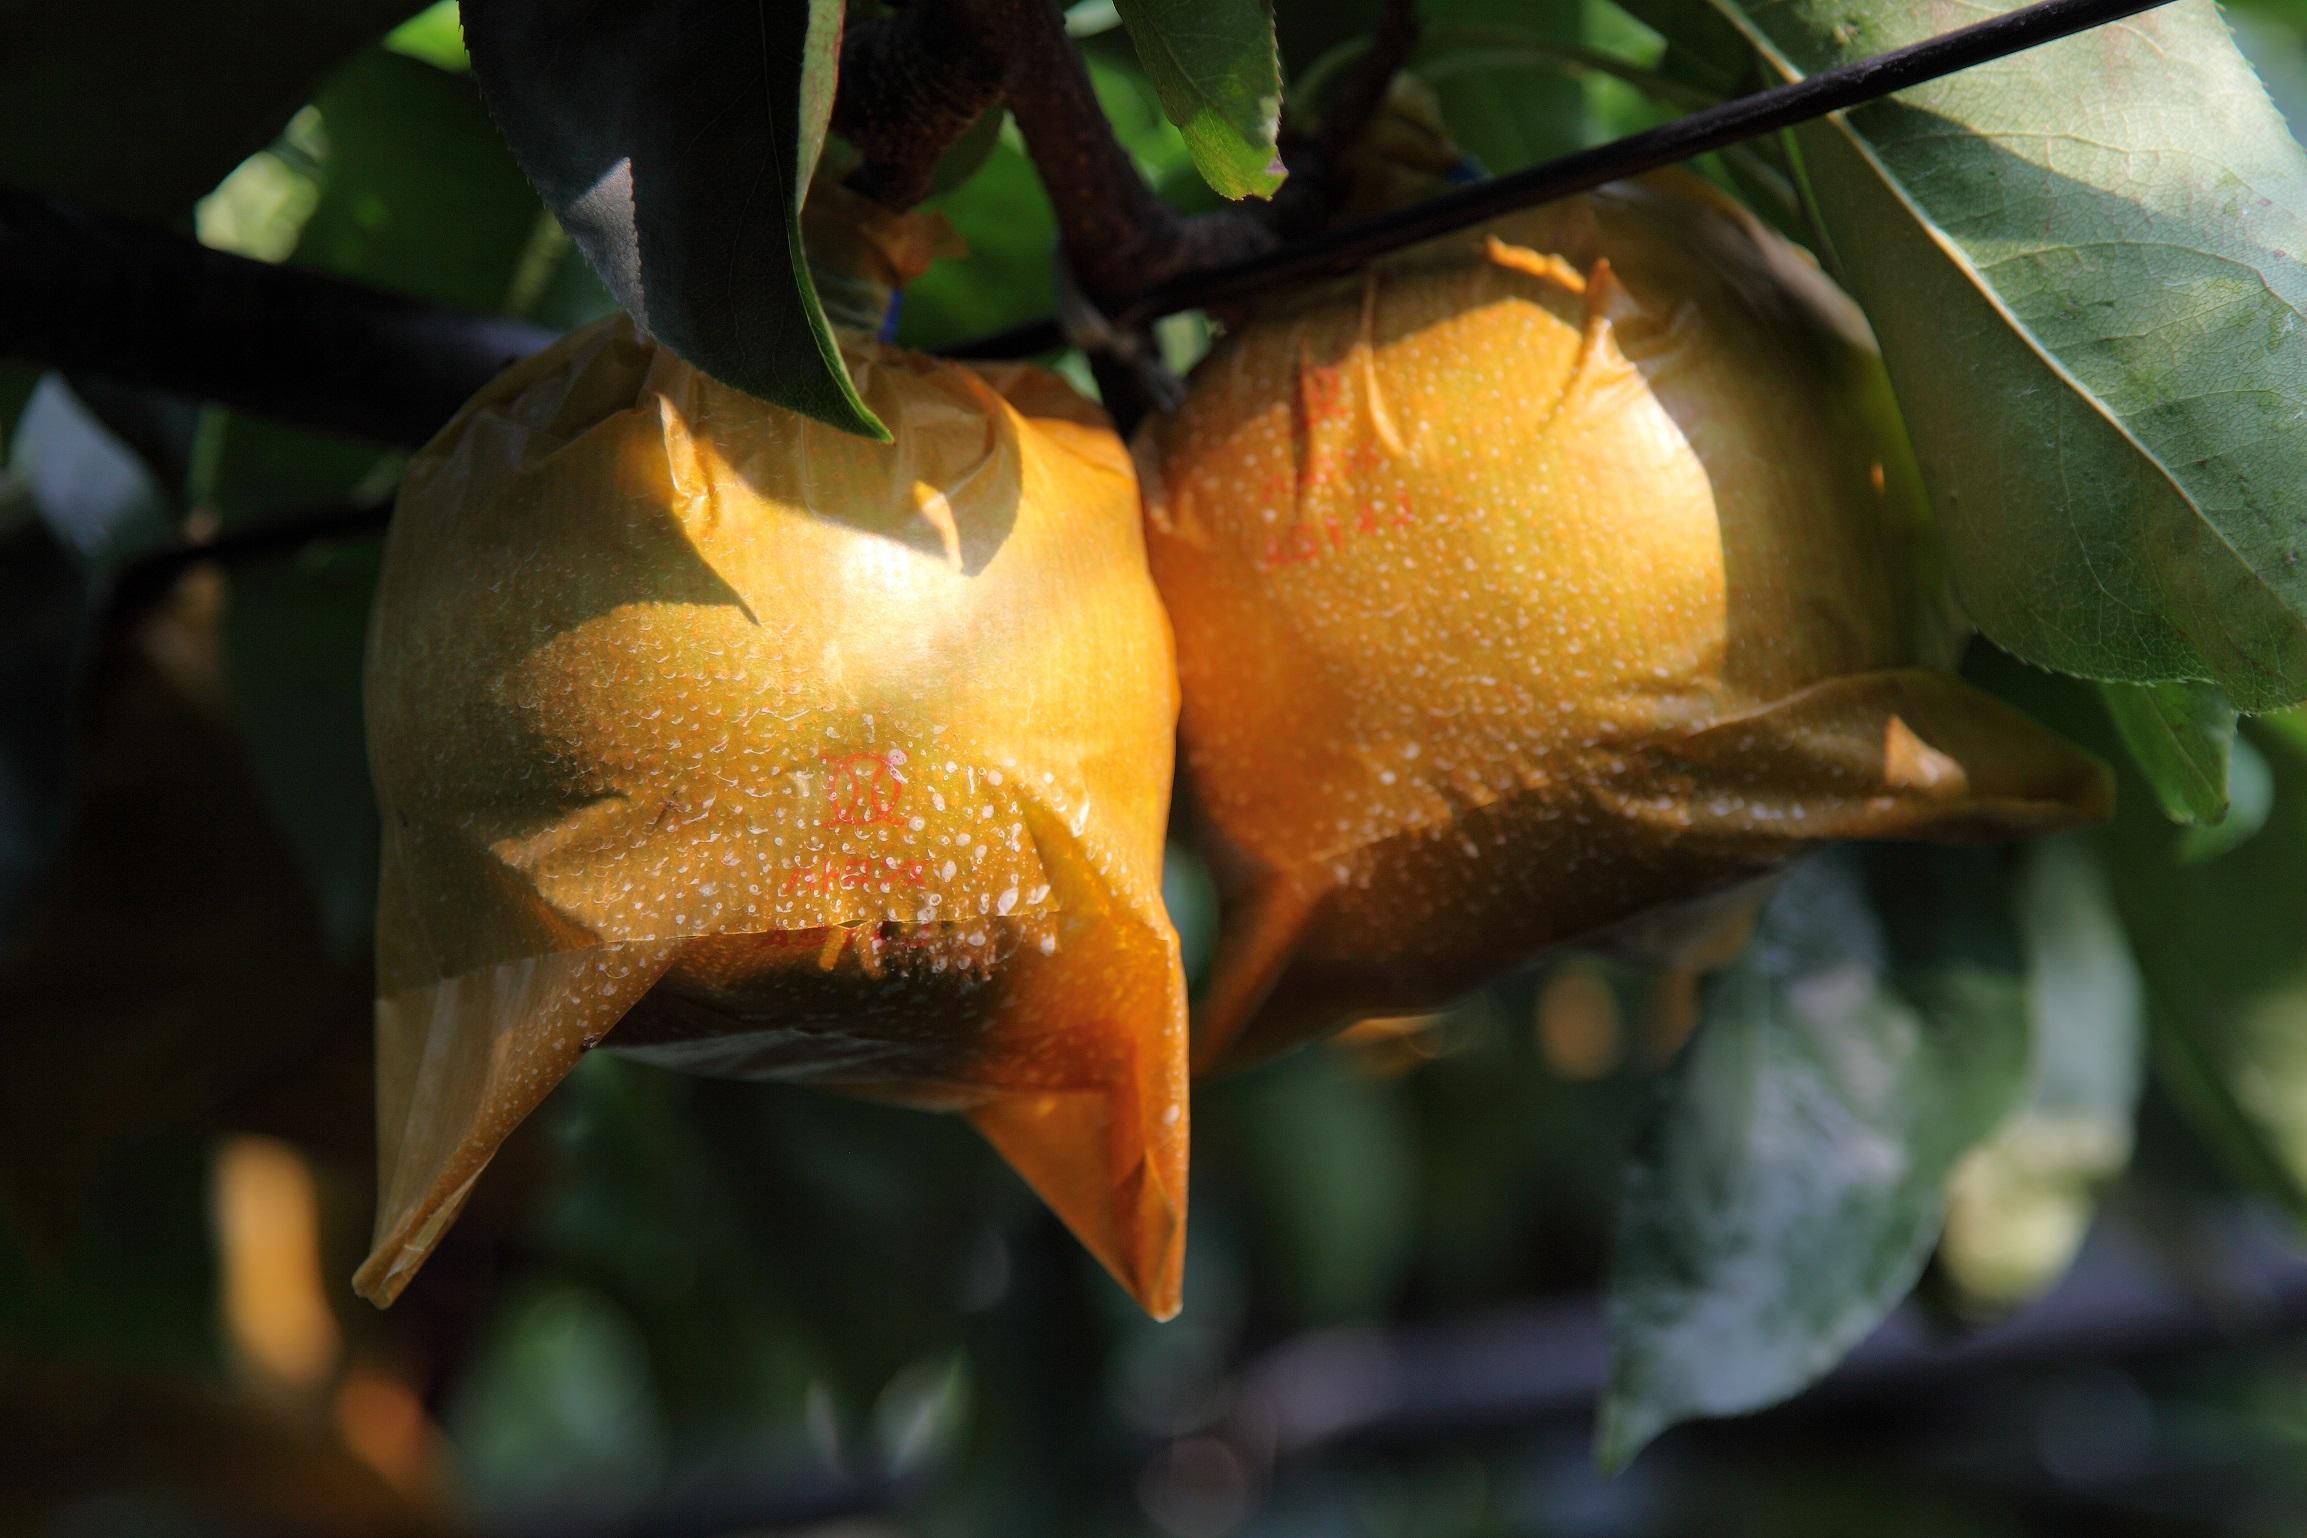 8月上旬~9月下旬◆60分食べ放題◆お得!なっとく!お土産2玉付き梨狩りプラン♪...